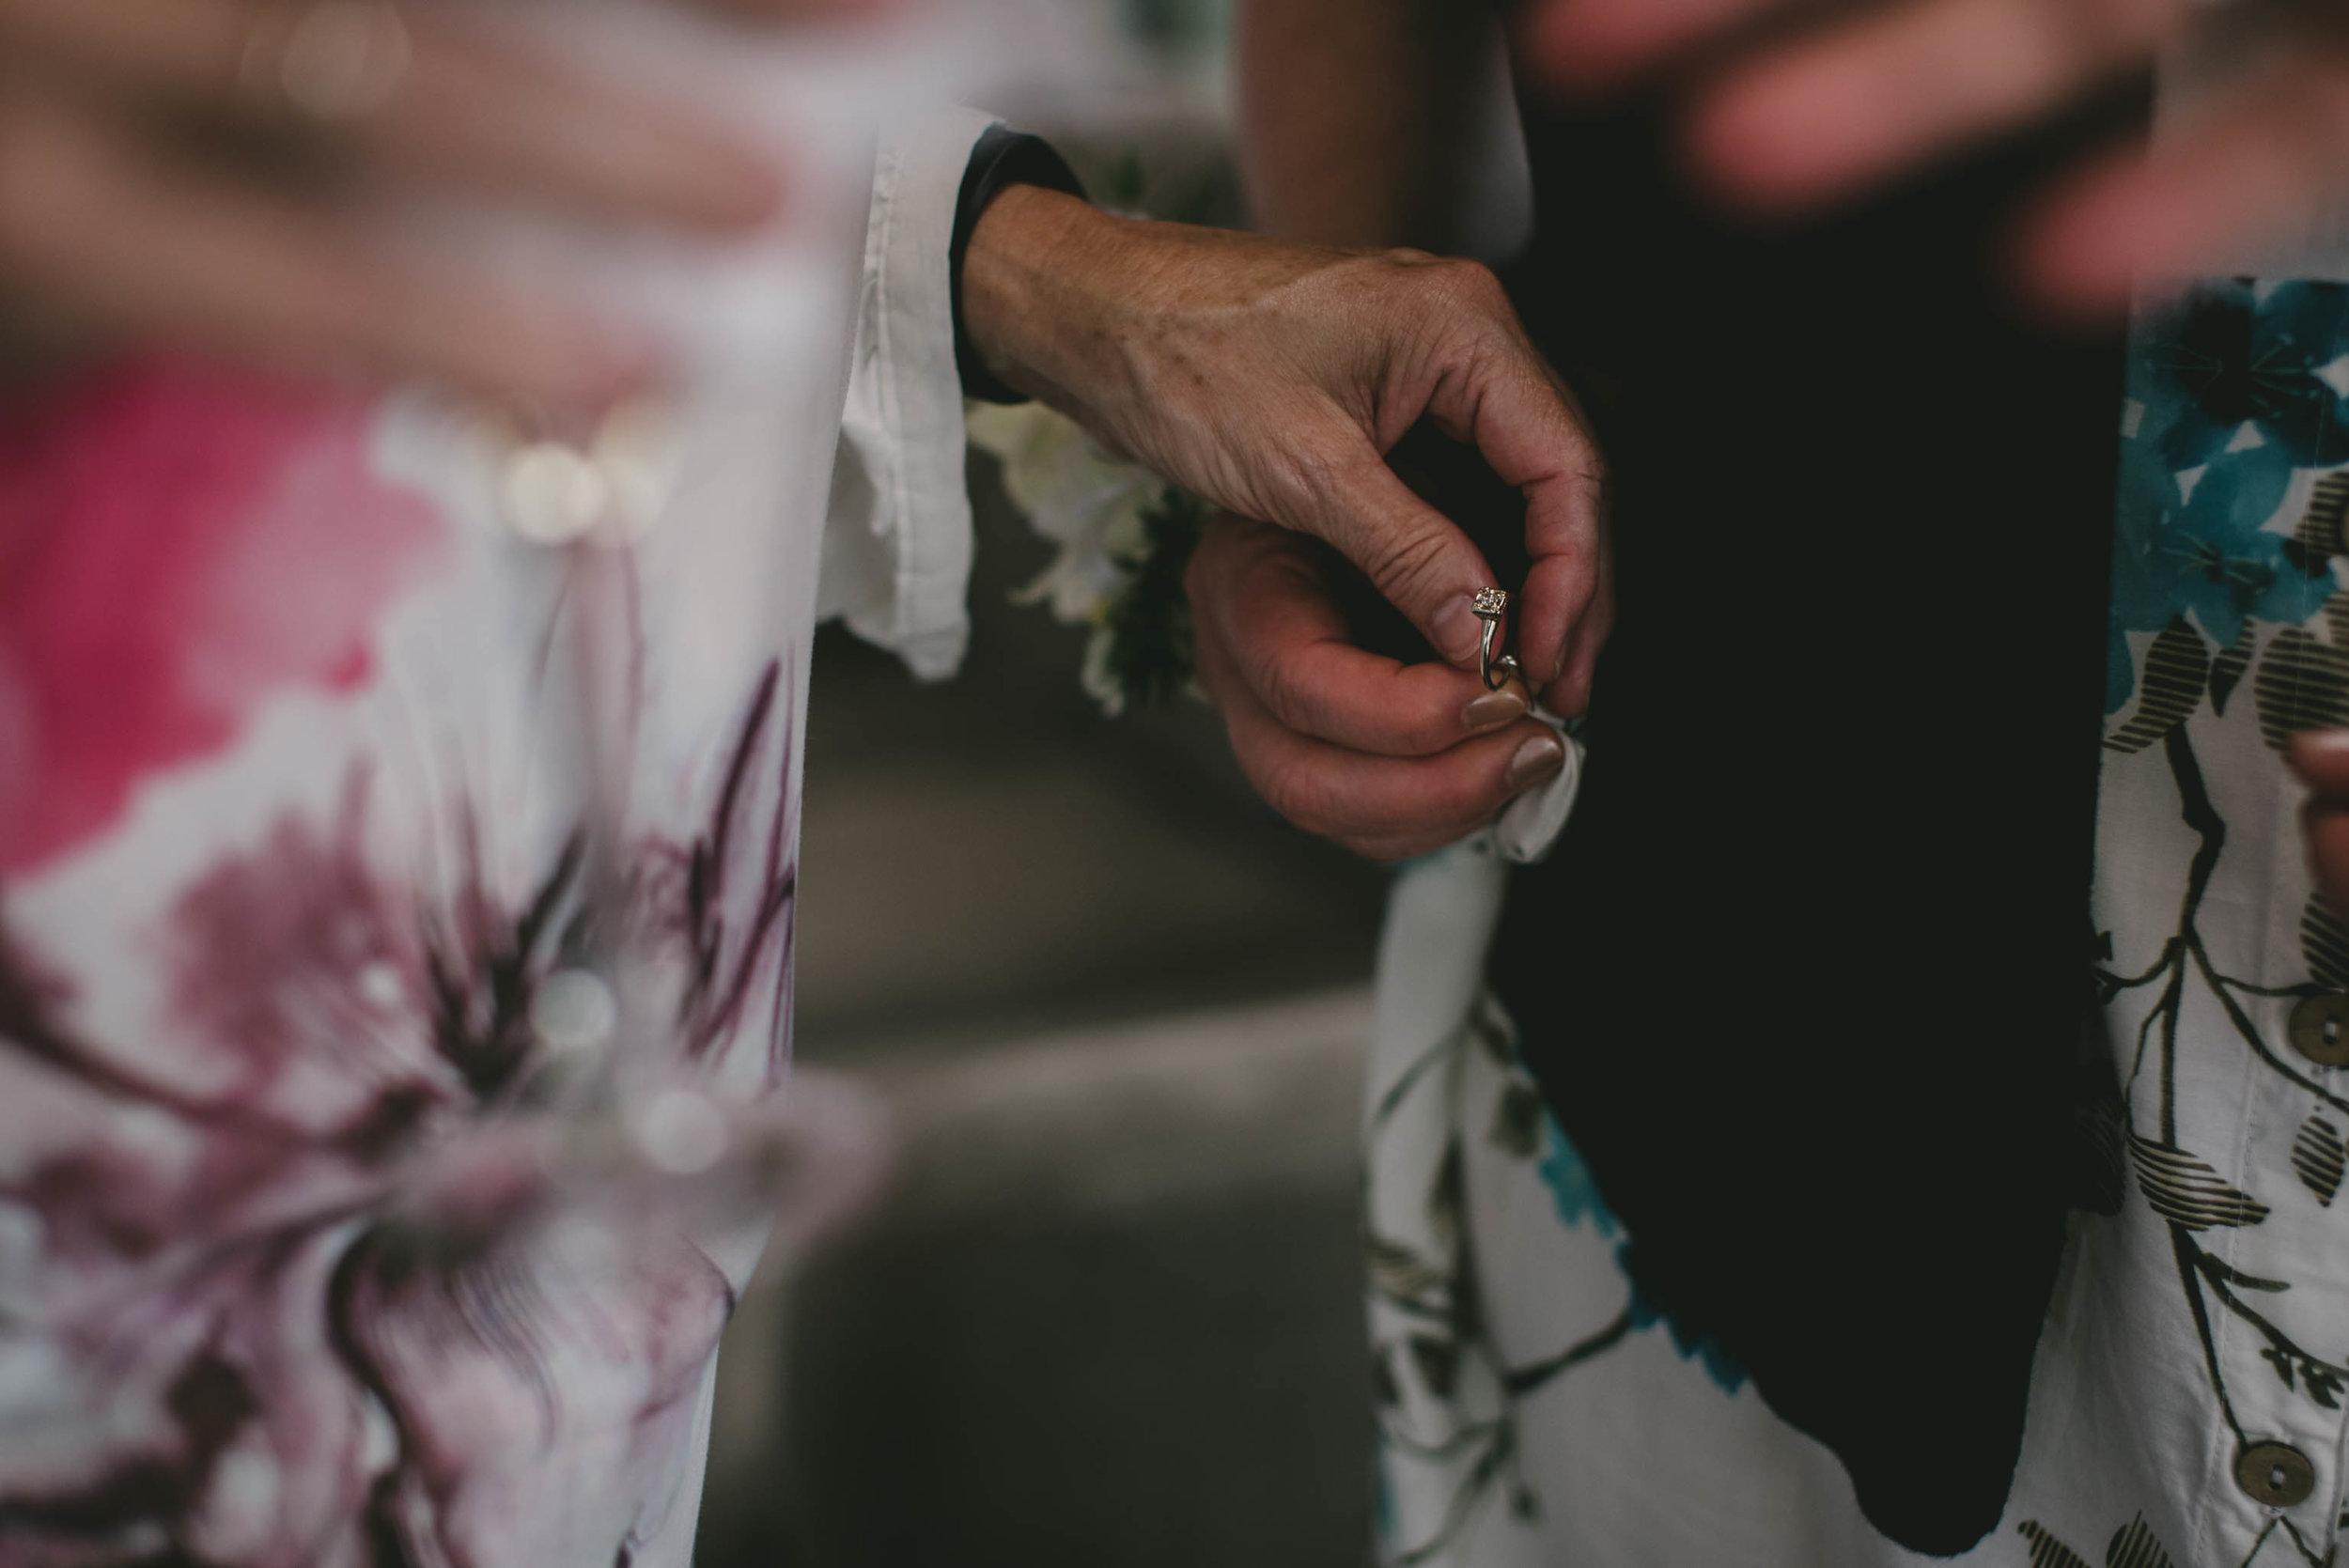 topsail-island-same-sex-beach-wedding-ring-detail-photo.jpg